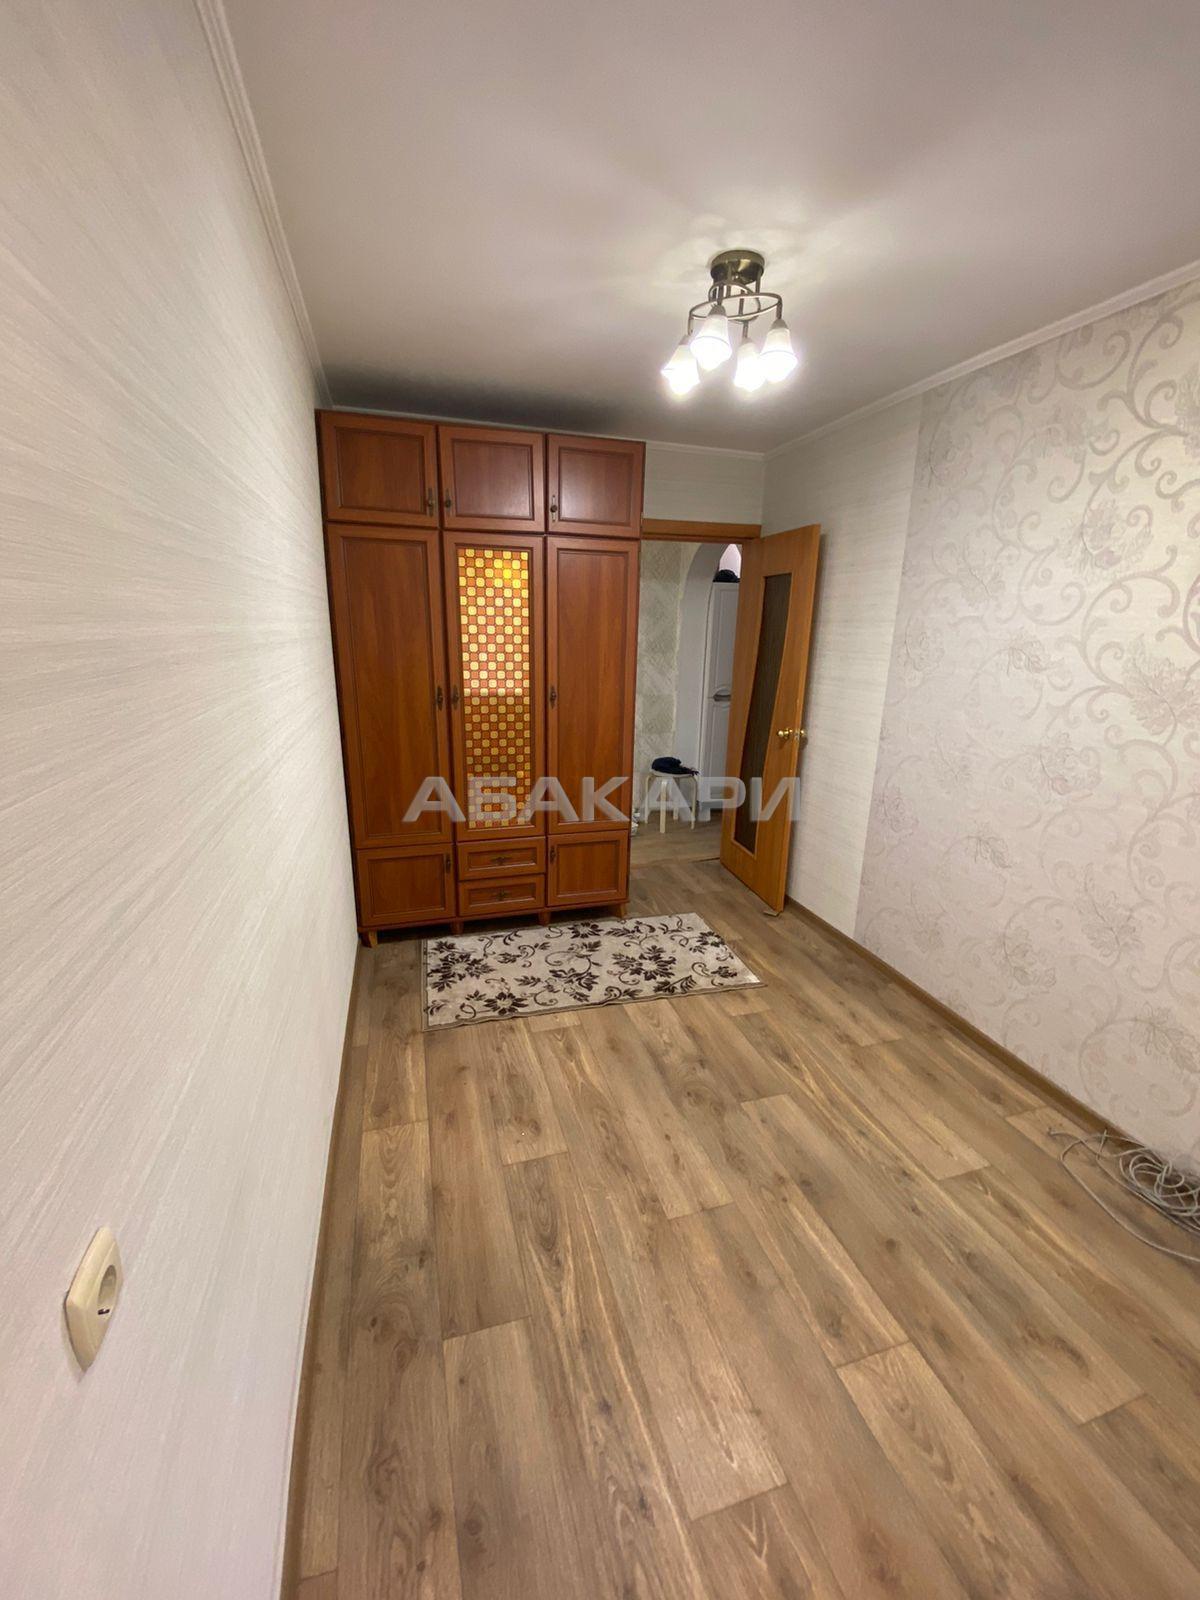 3к квартира Коммунальная улица, 16 2/5 - 60кв   25000   аренда в Красноярске фото 4